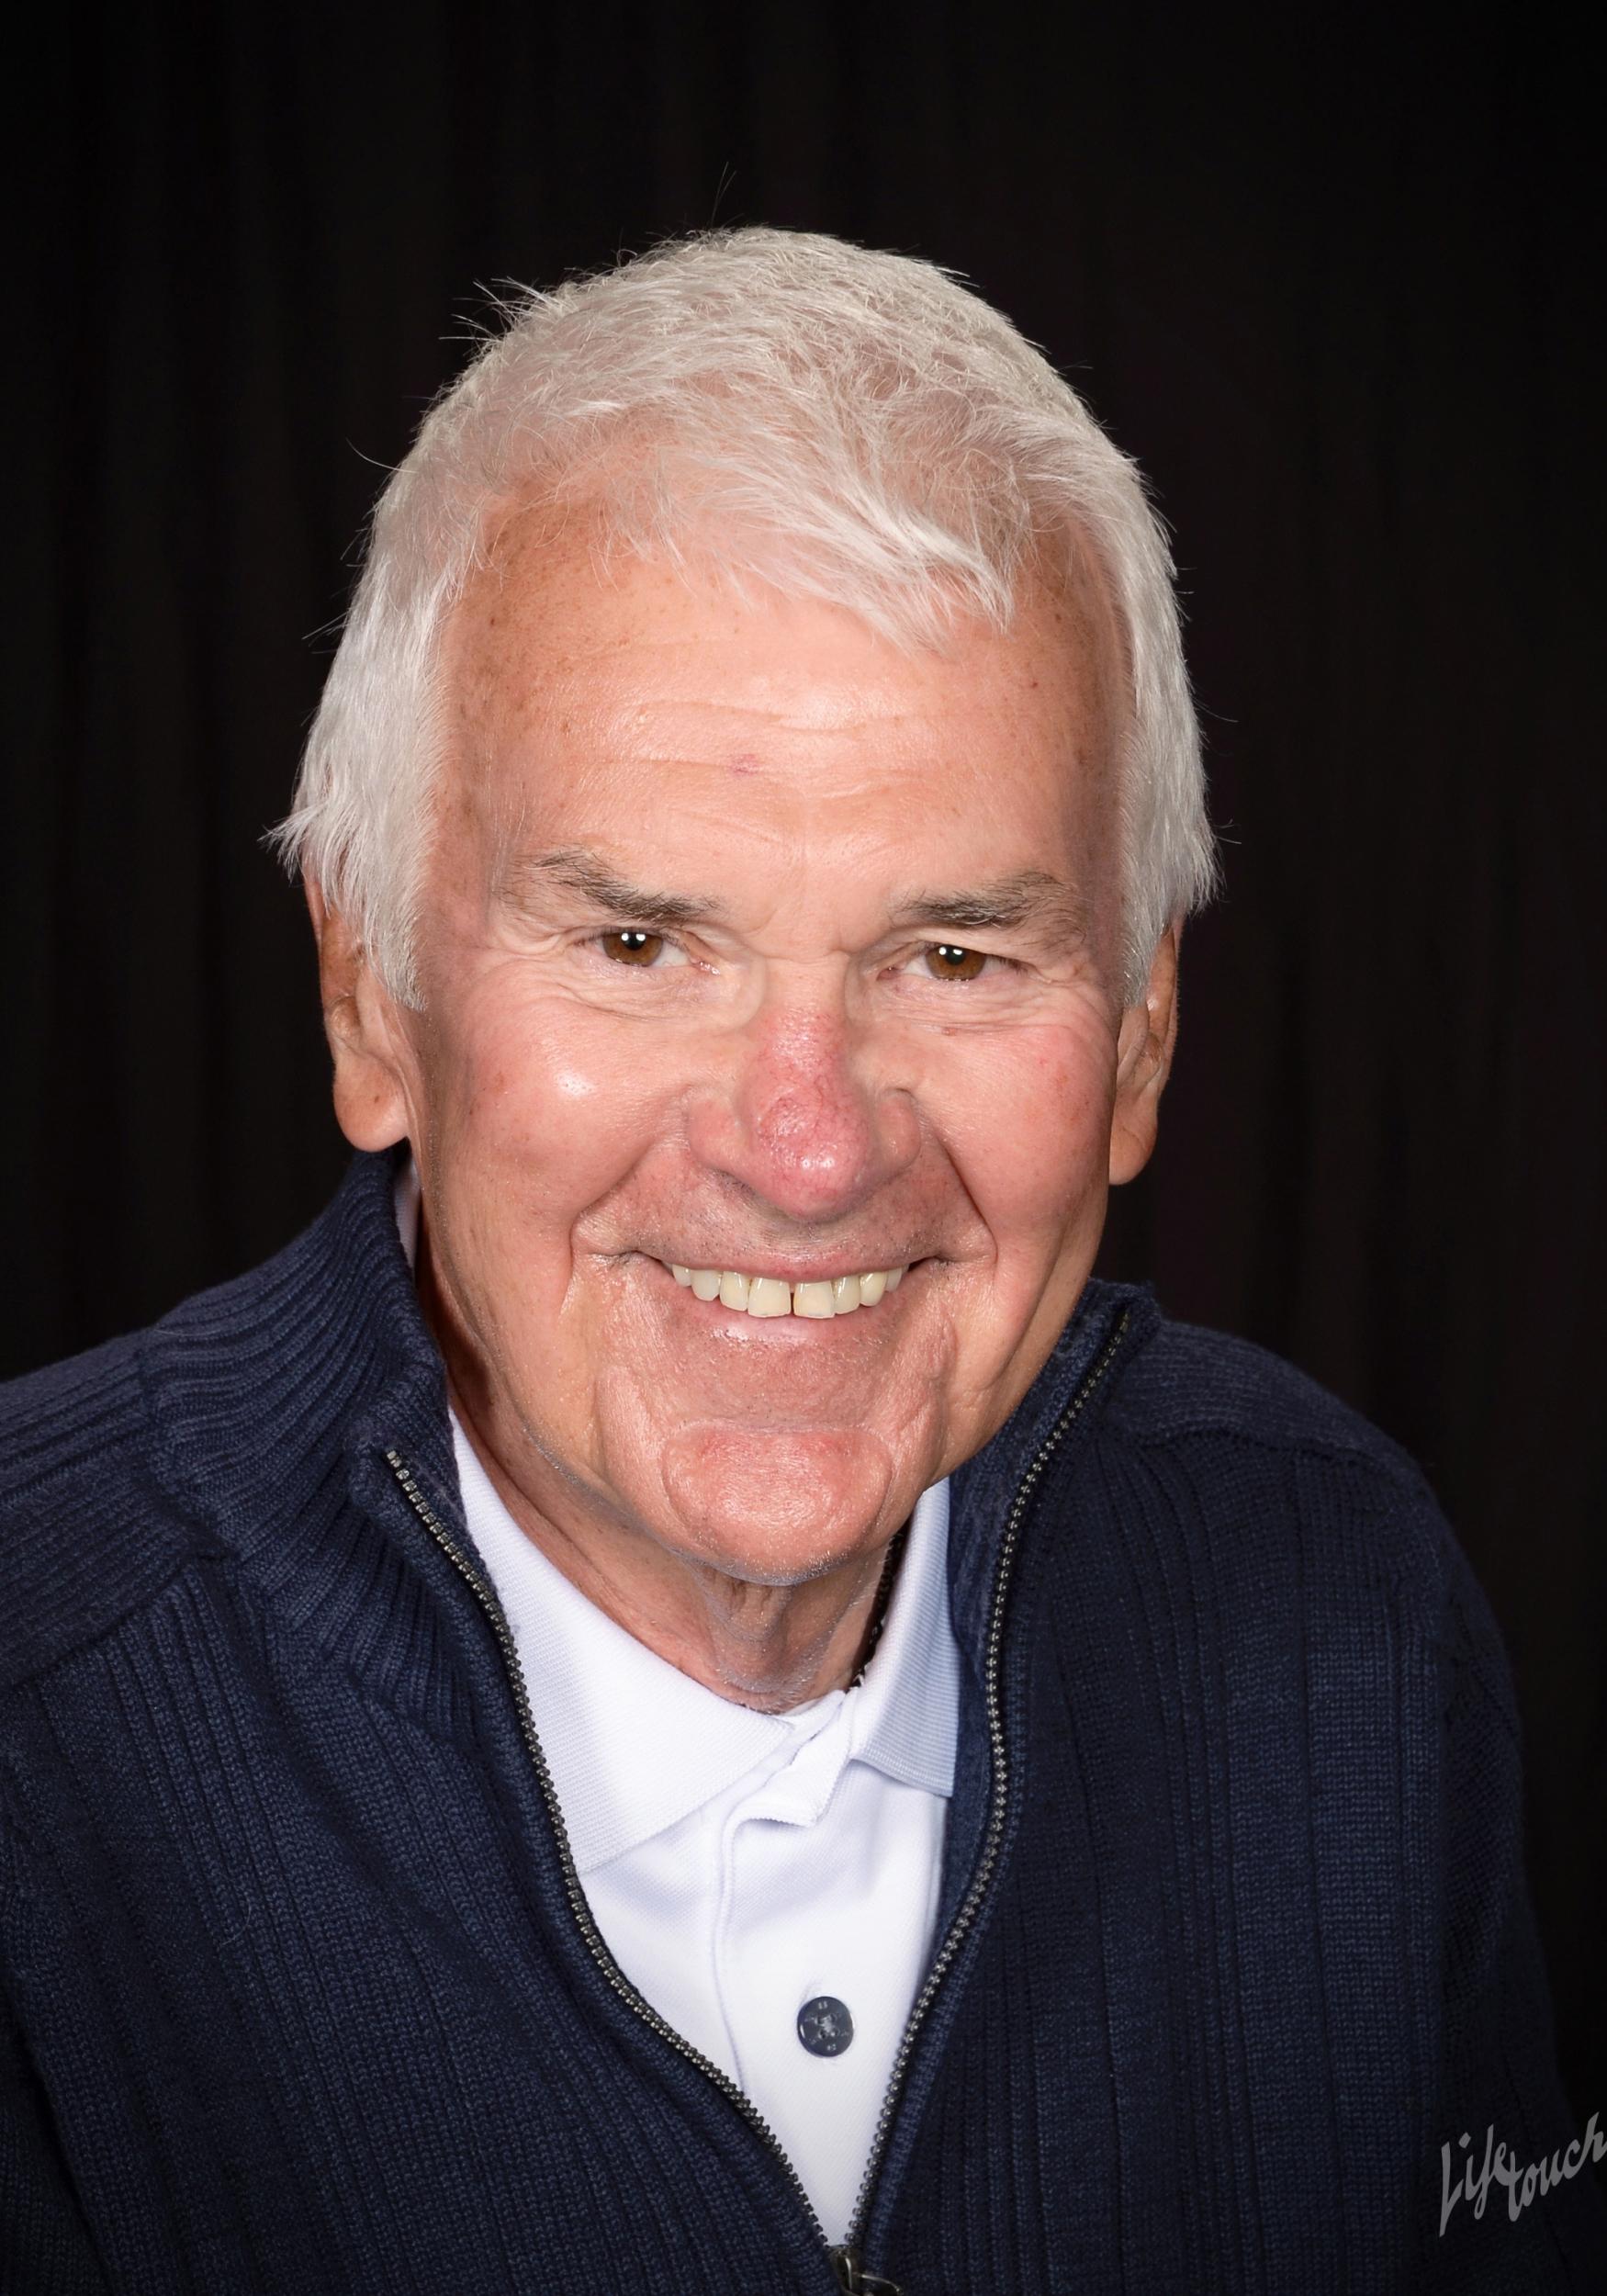 Thomas O'Hare